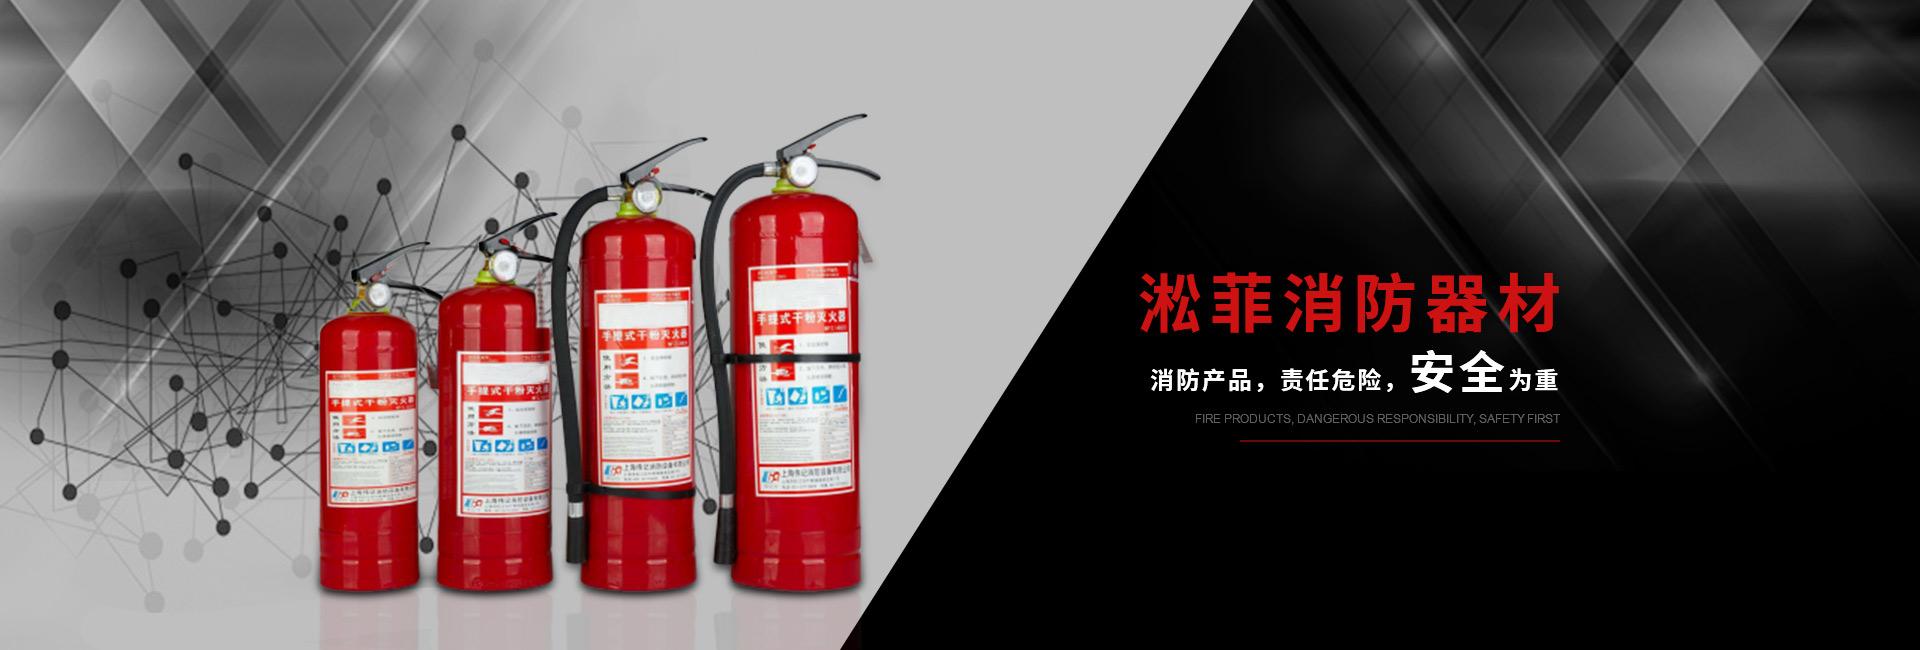 广安消防设备